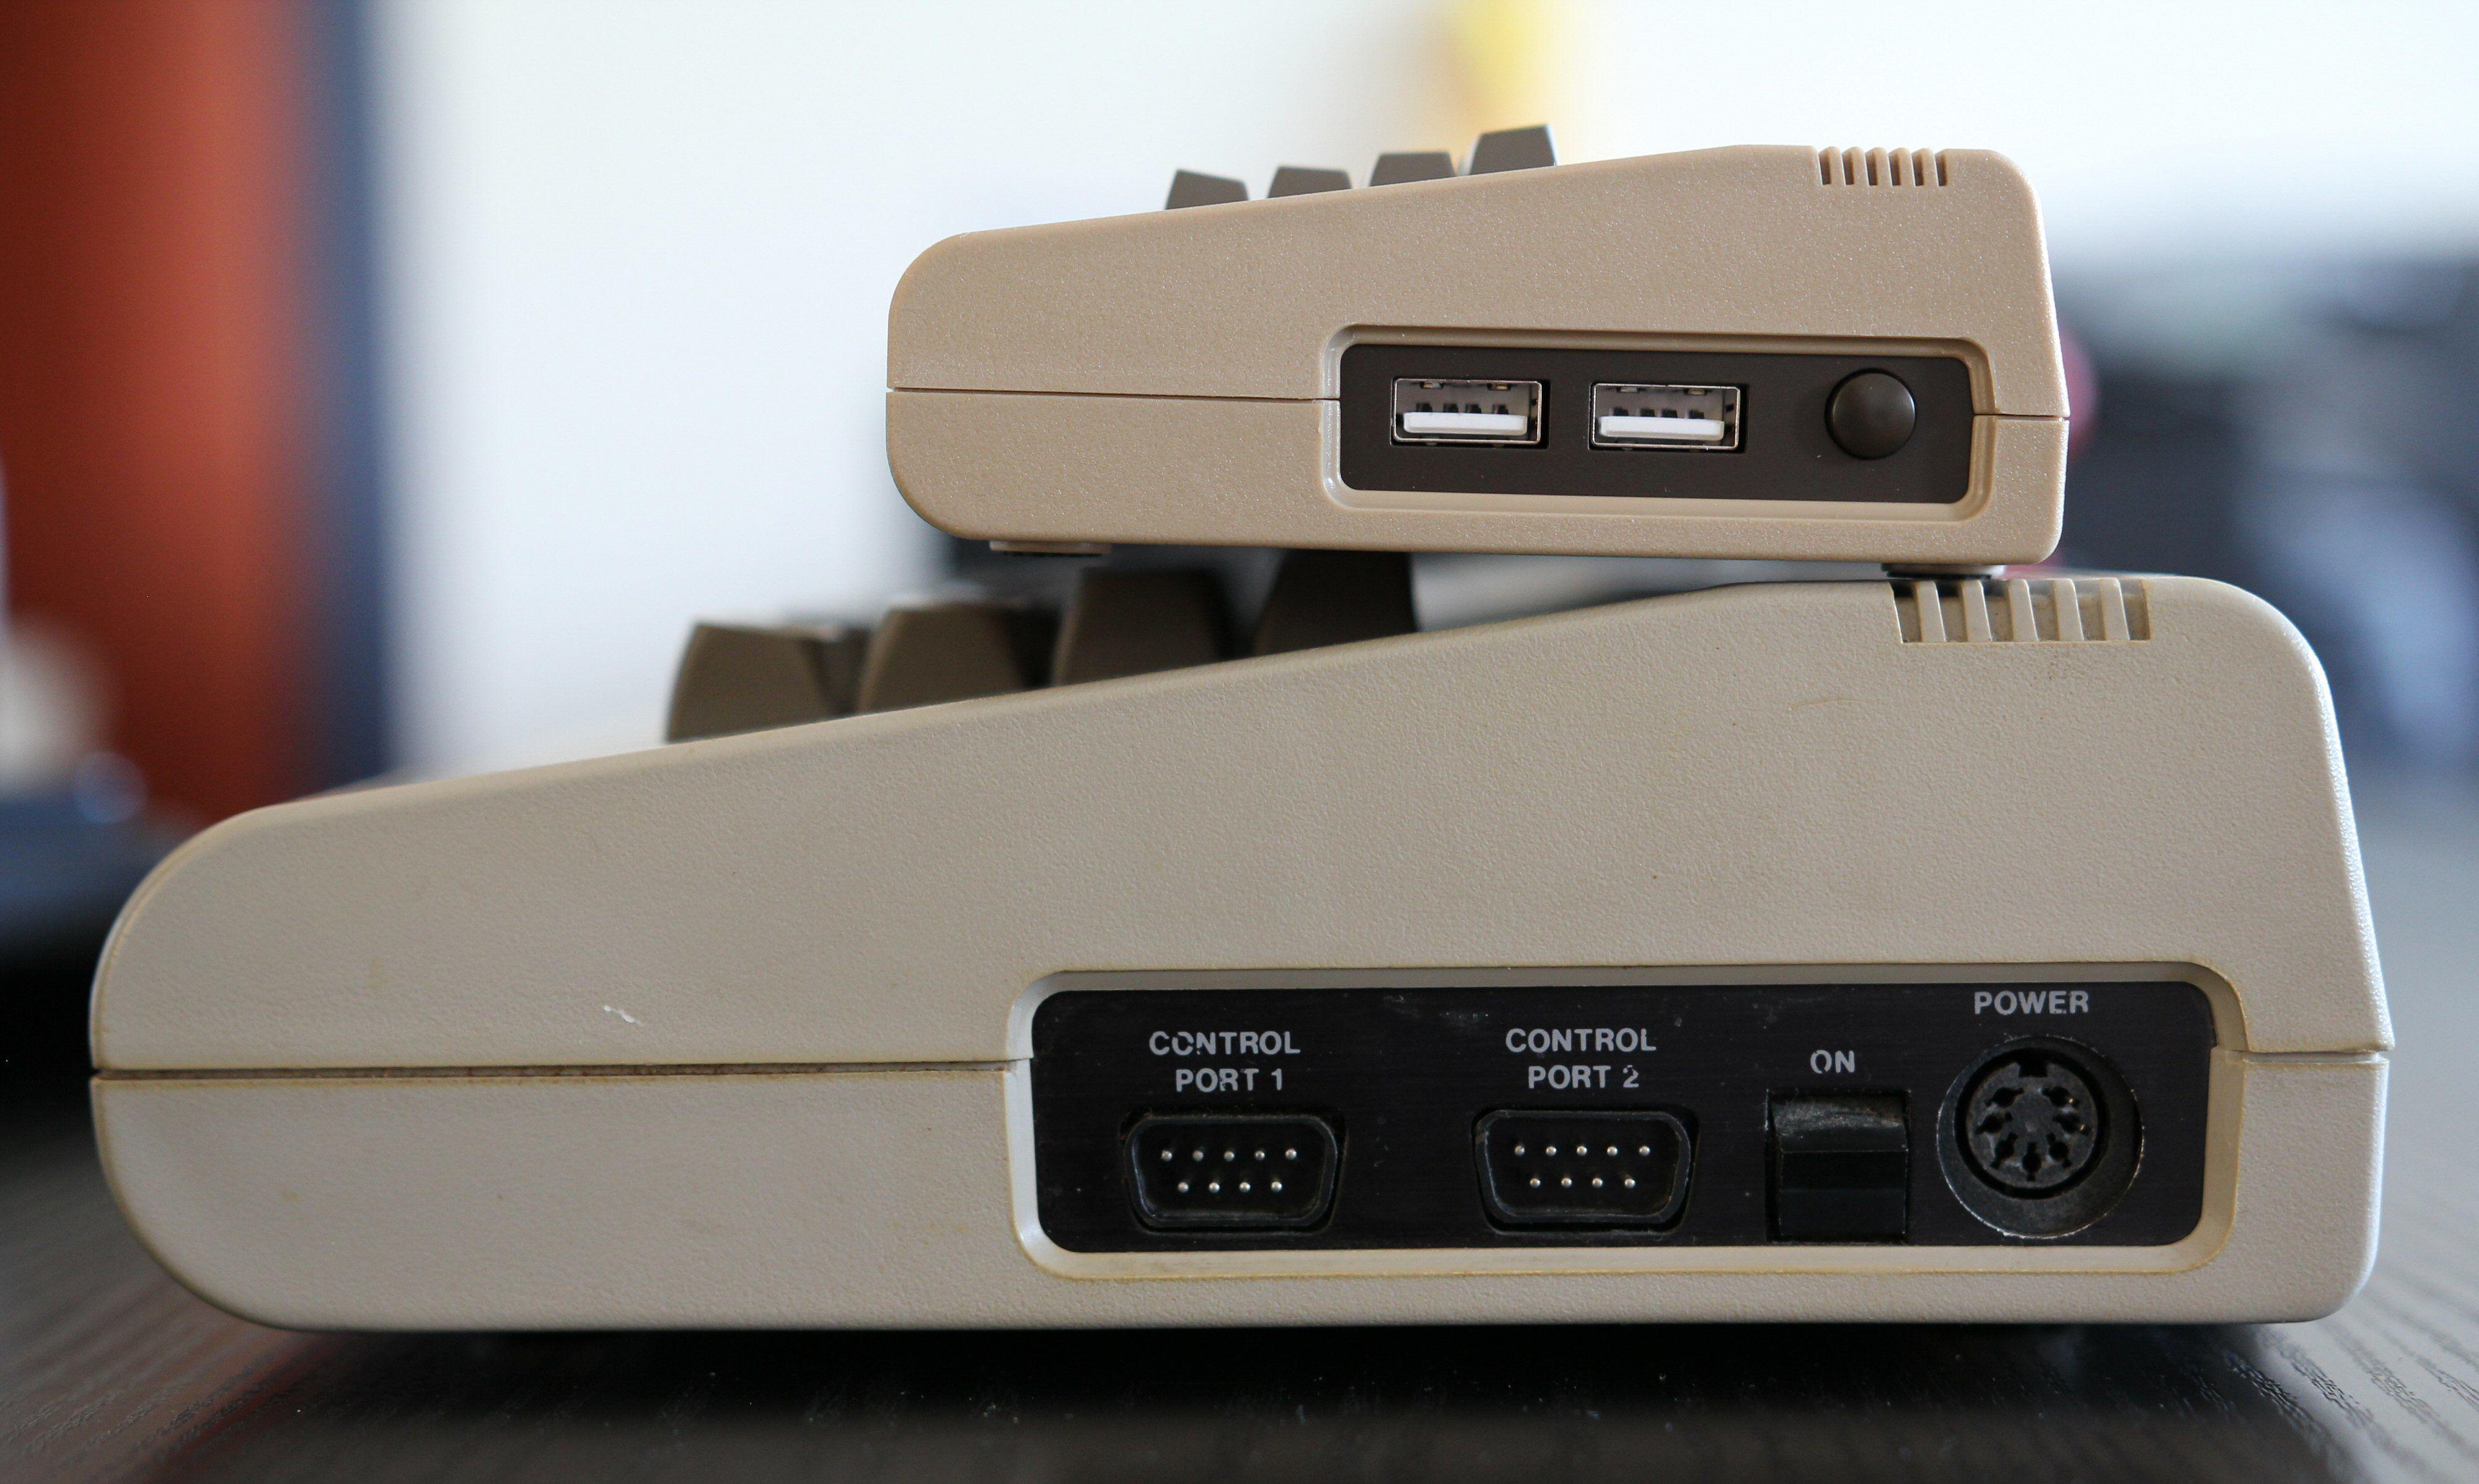 The C64 Mini har kun to USB-porter. Dette matcher designen på Commodore 64, men holder ikke i praksis.